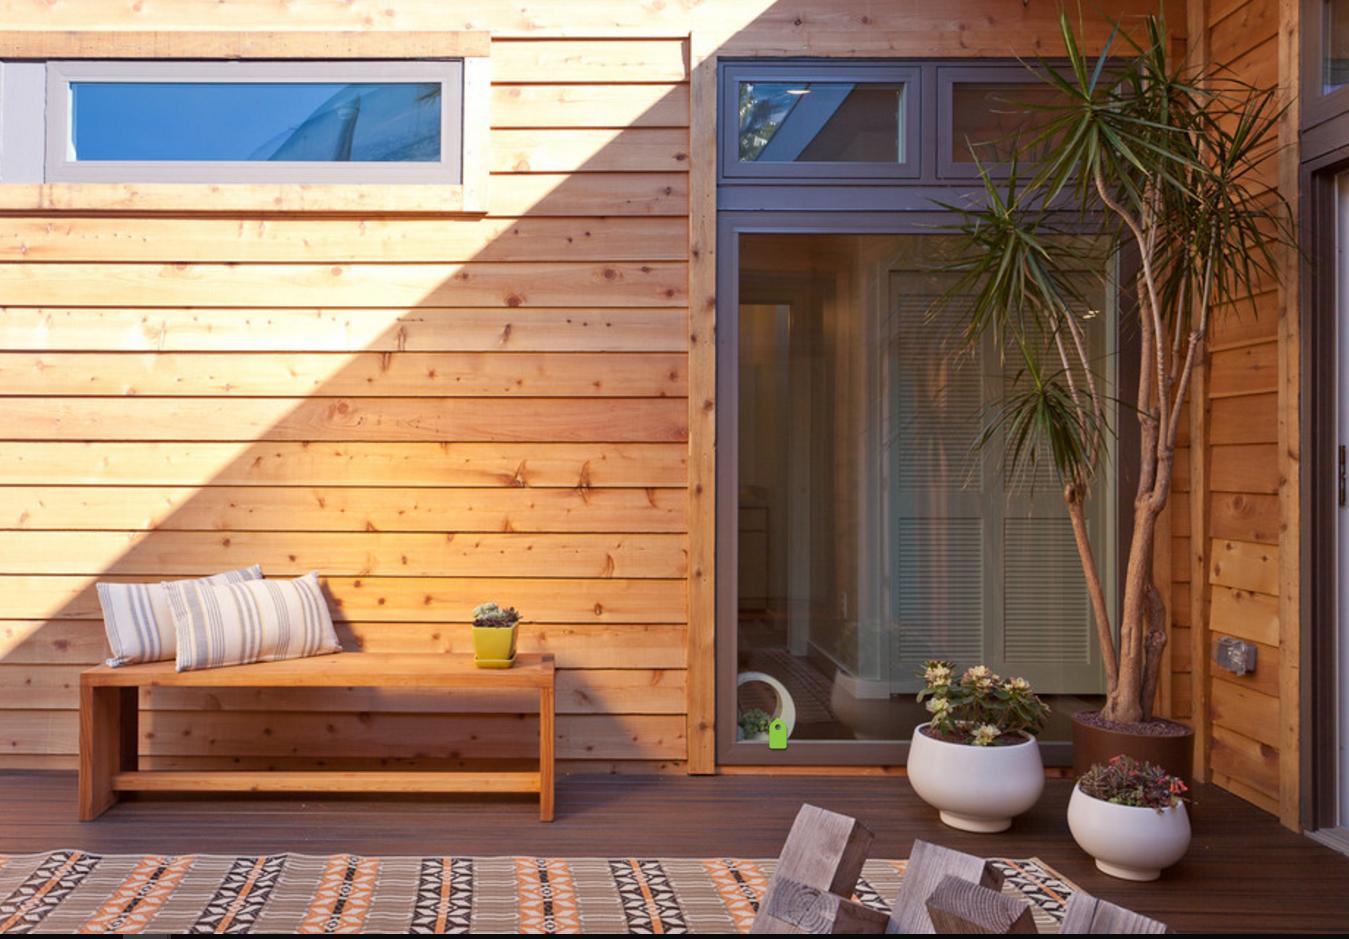 Pro e contro case prefabbricate in legno idealista news for Case in legno costi